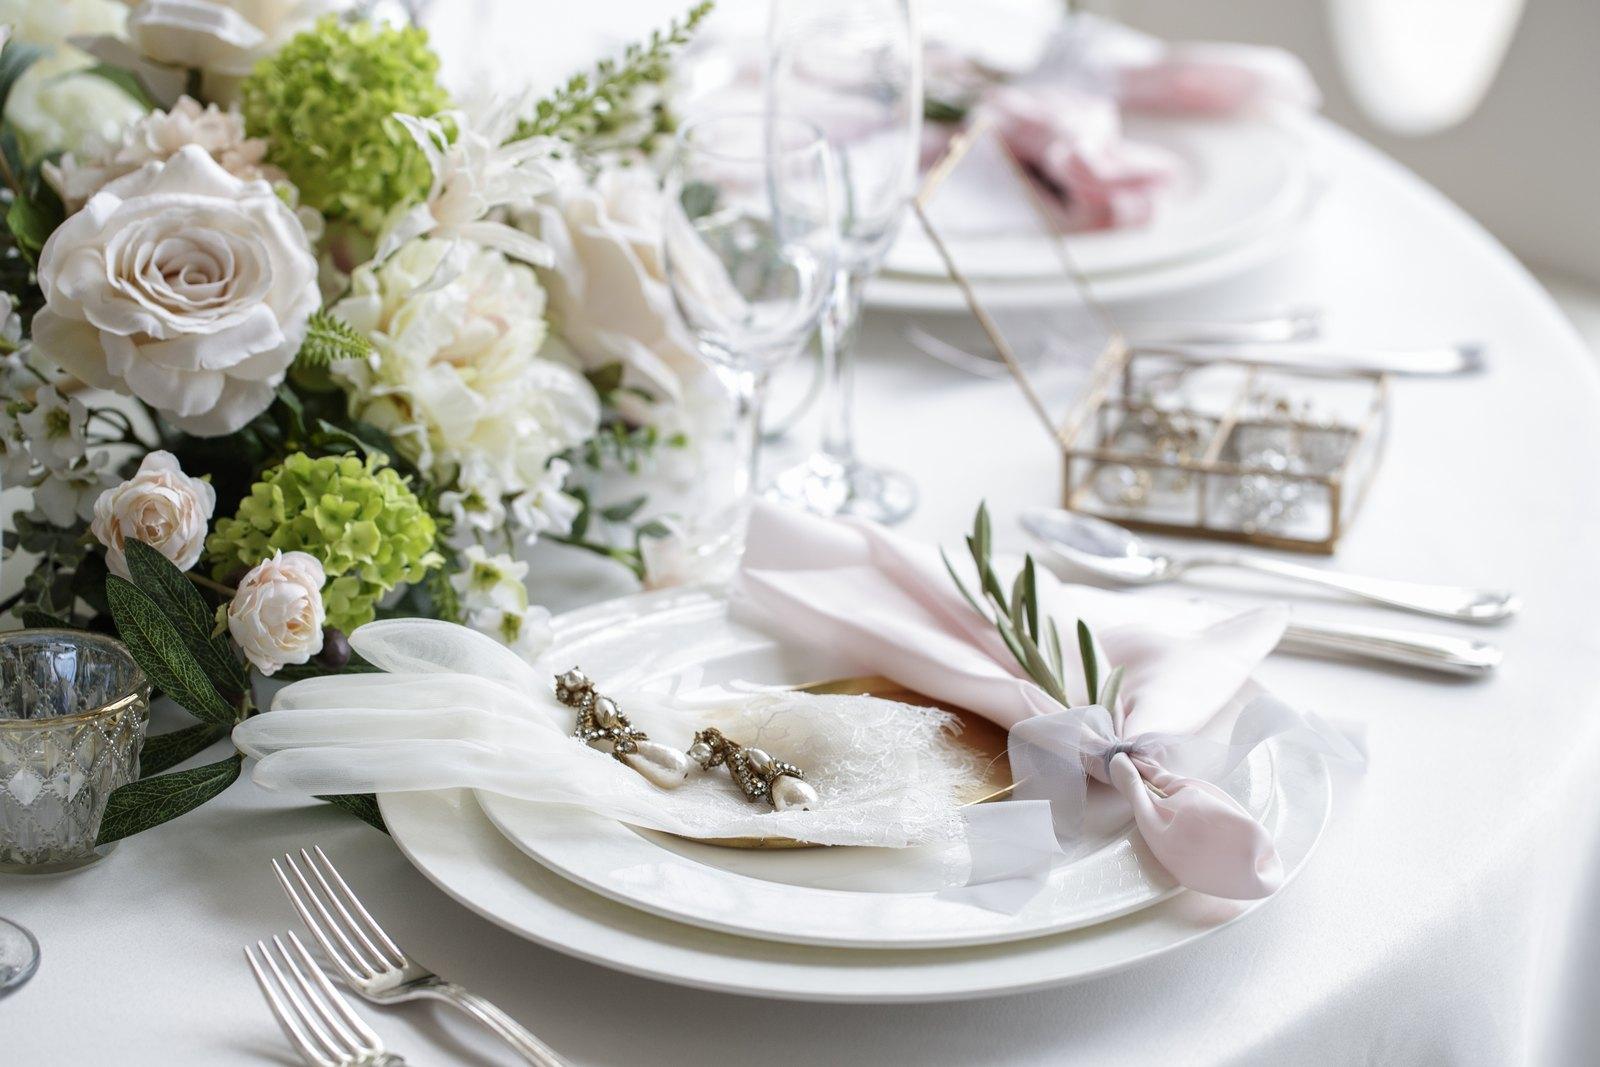 徳島県の結婚式場ブランアンジュのテーブルコーディネート